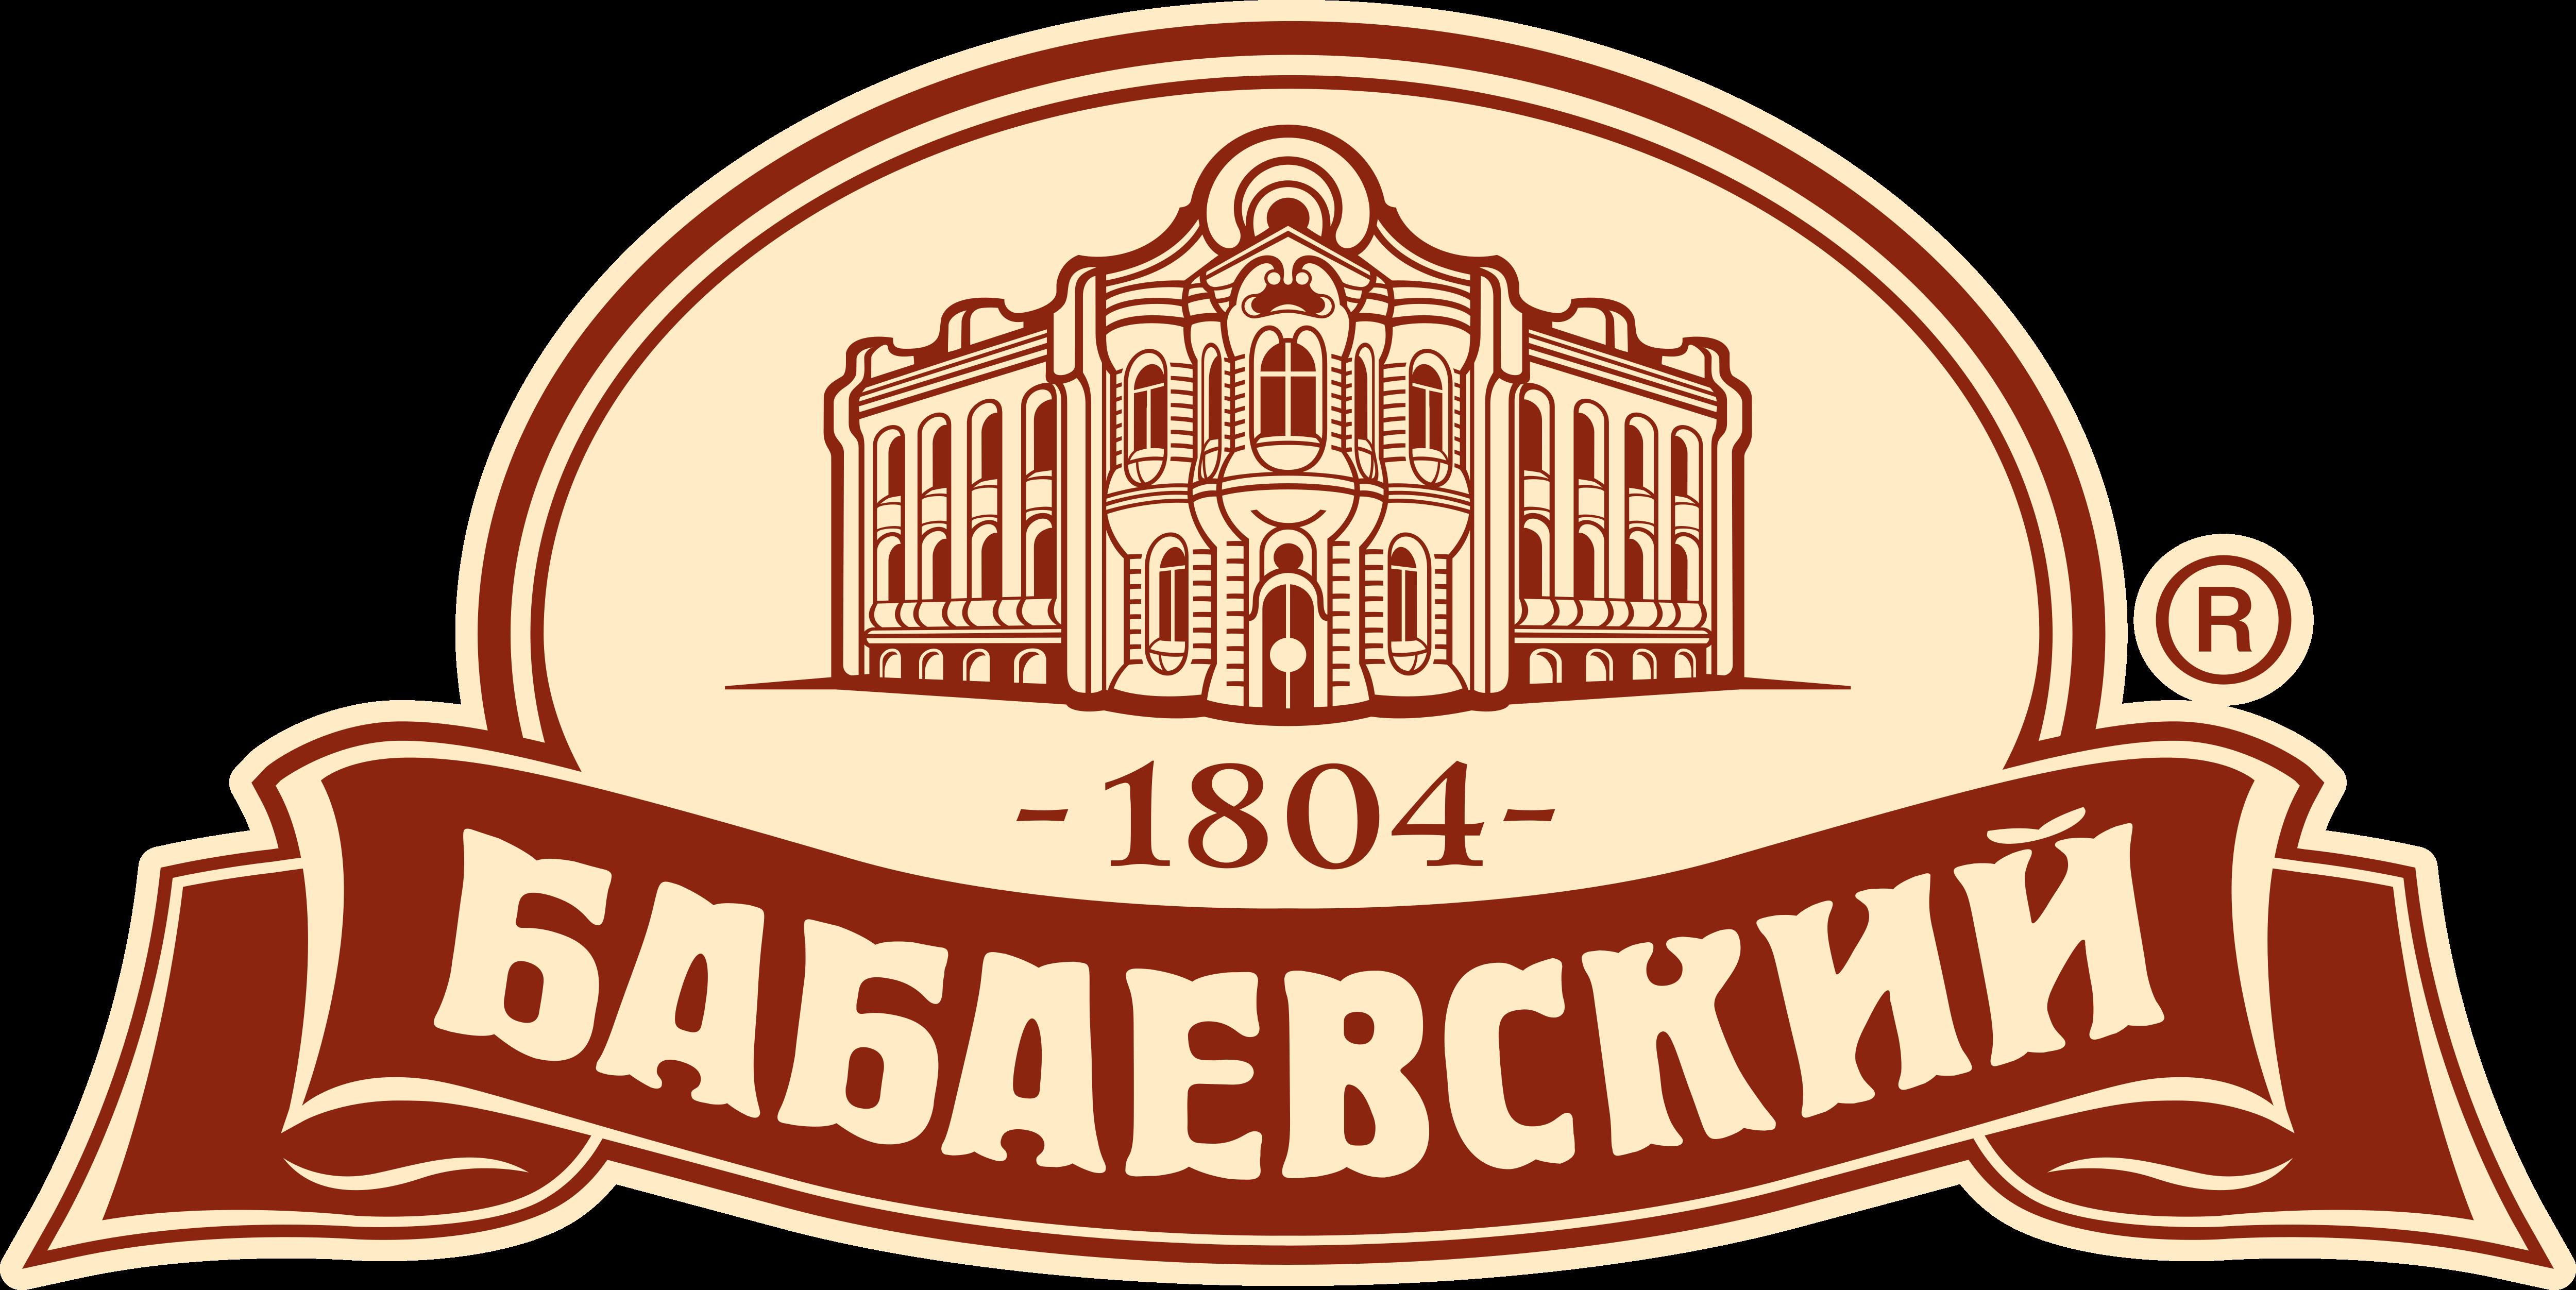 картинки логотипов кондитерских фабрика них